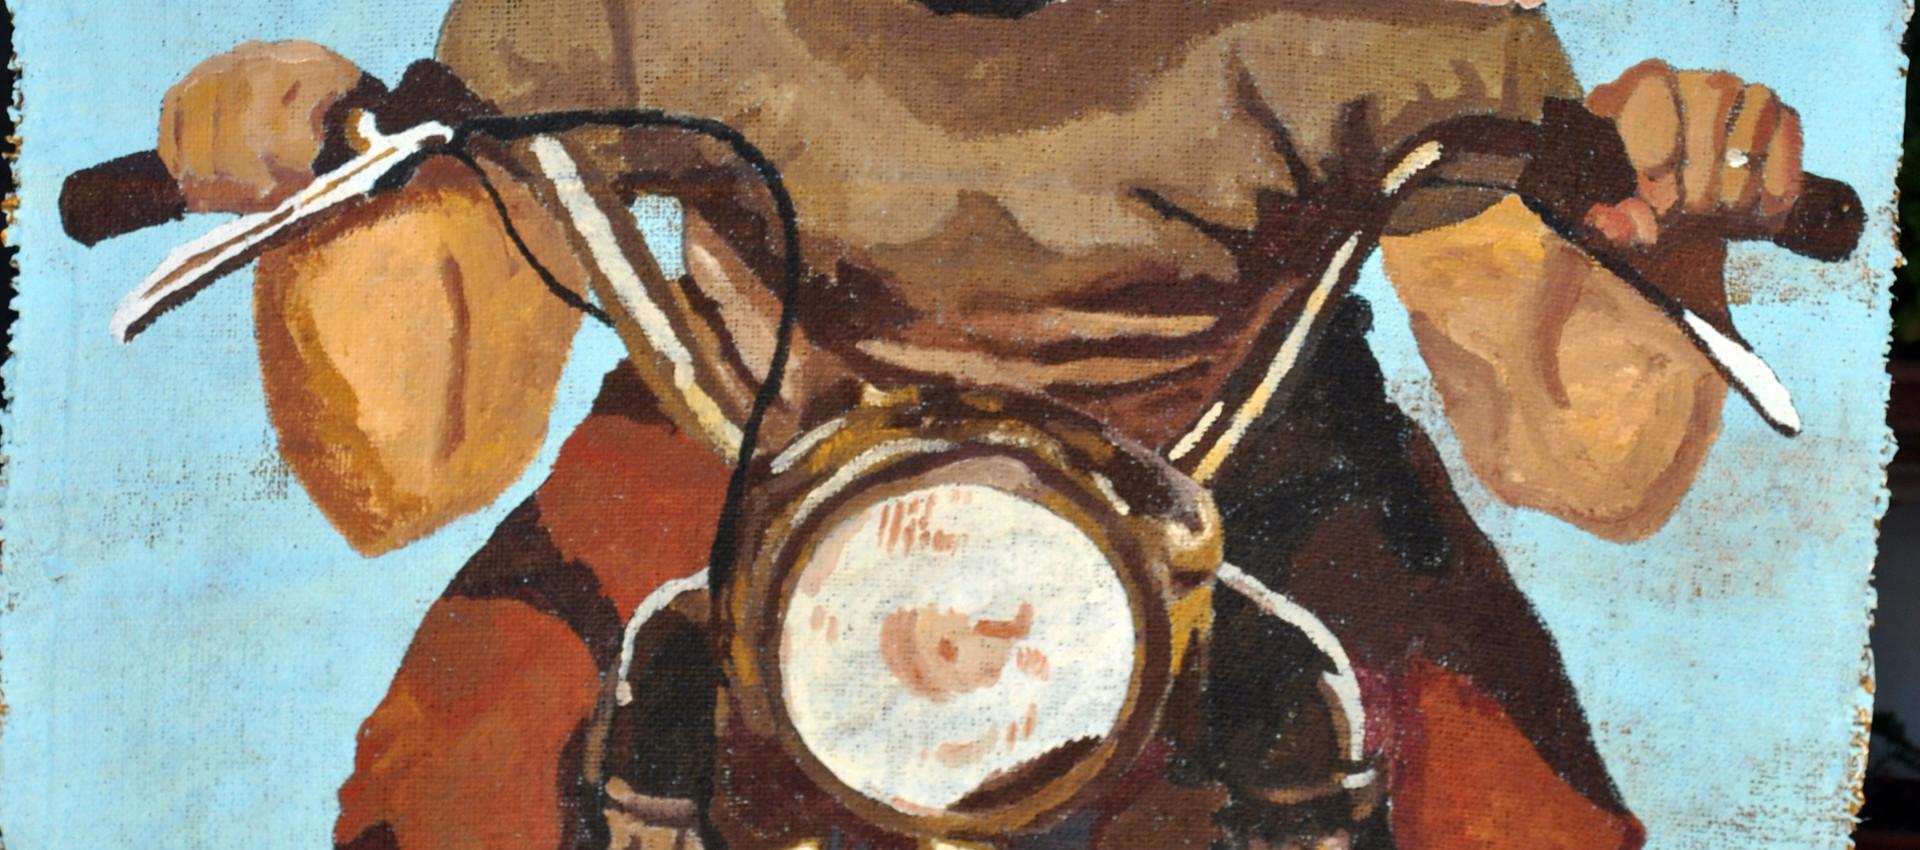 Triumph details